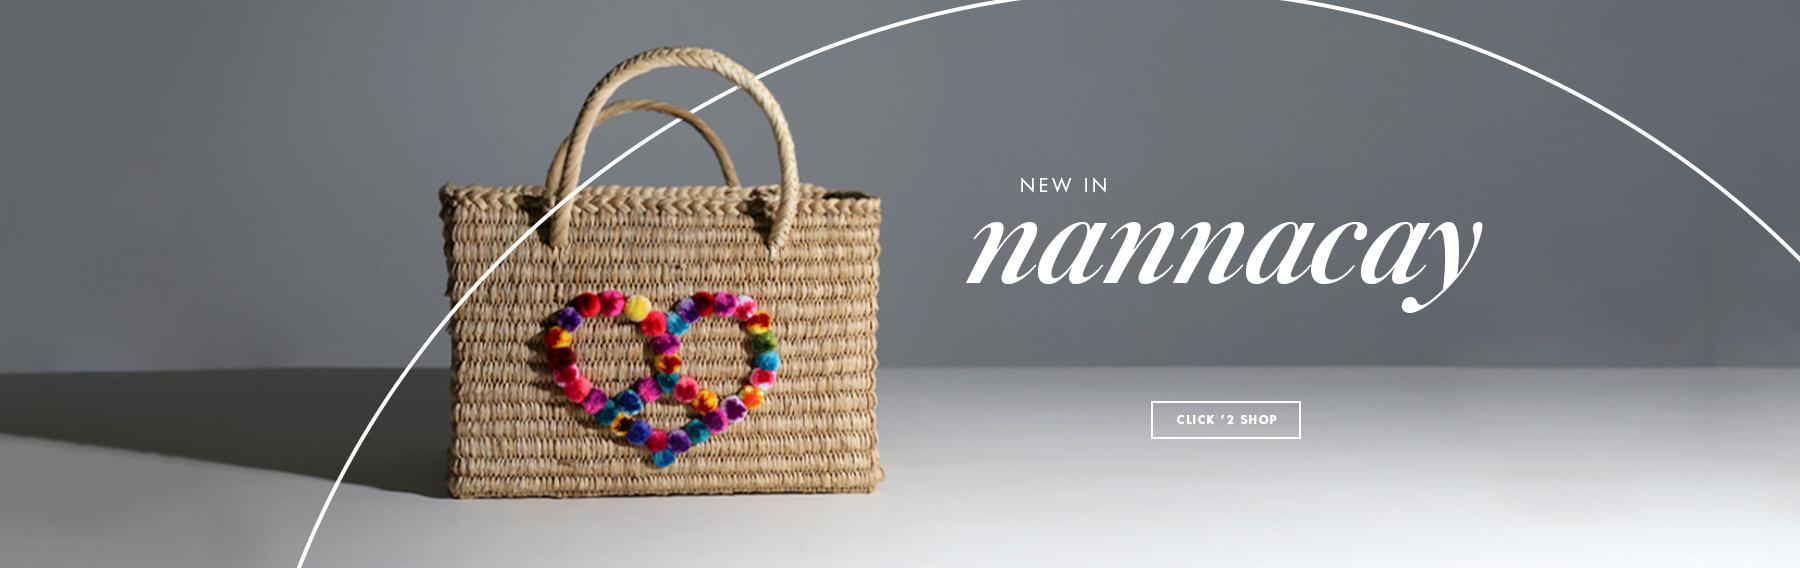 Nannacay